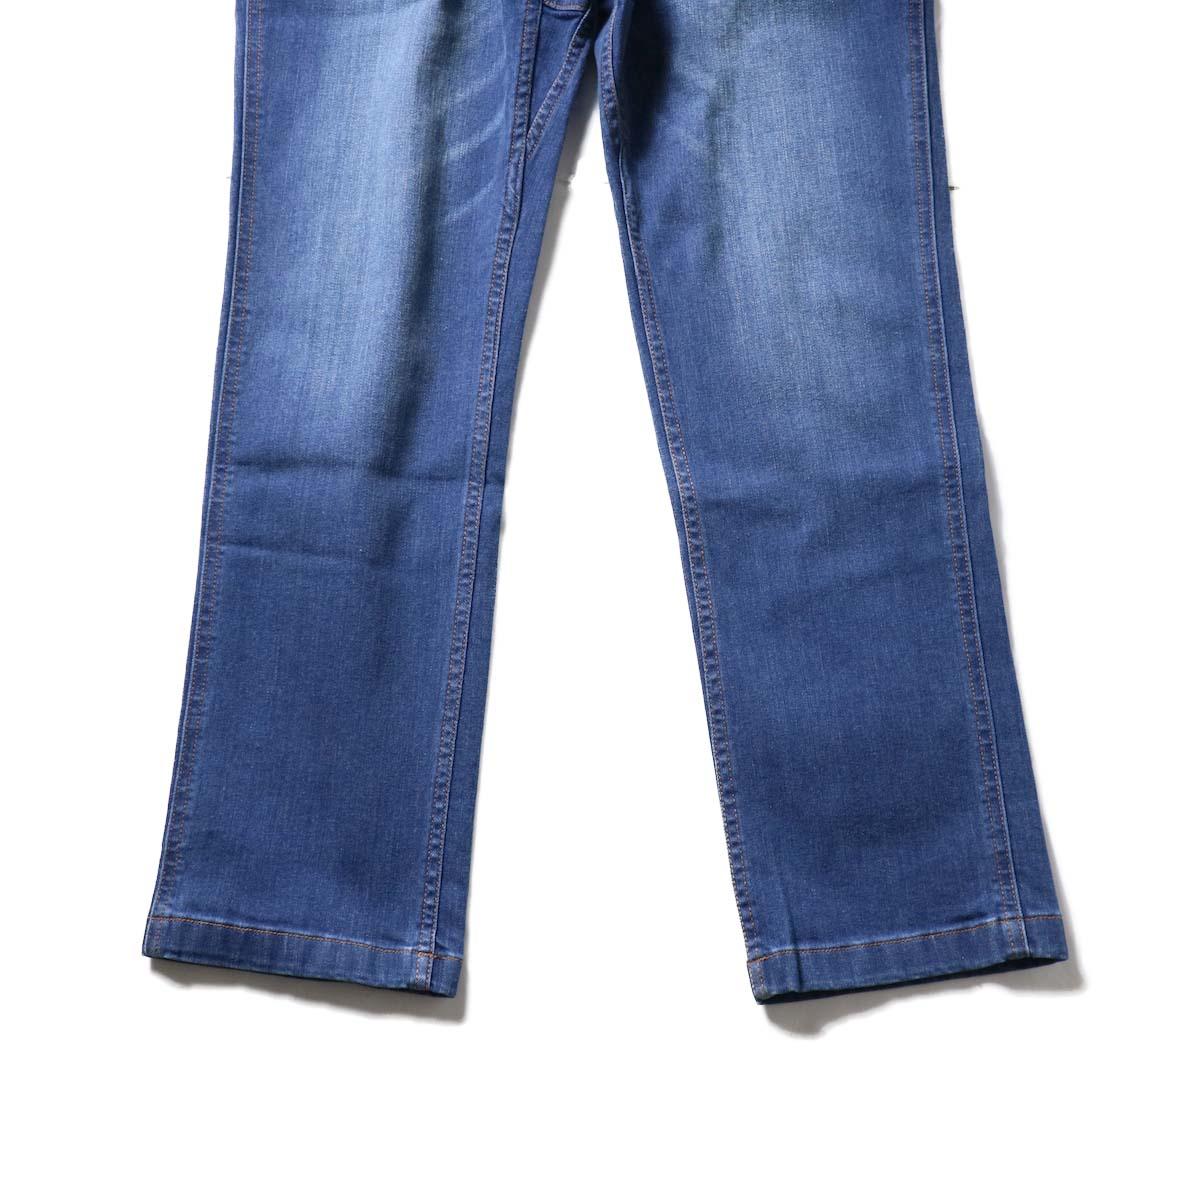 GRAMICCI / DENIM NN-PANTS JUST CUT (Dark Used)裾